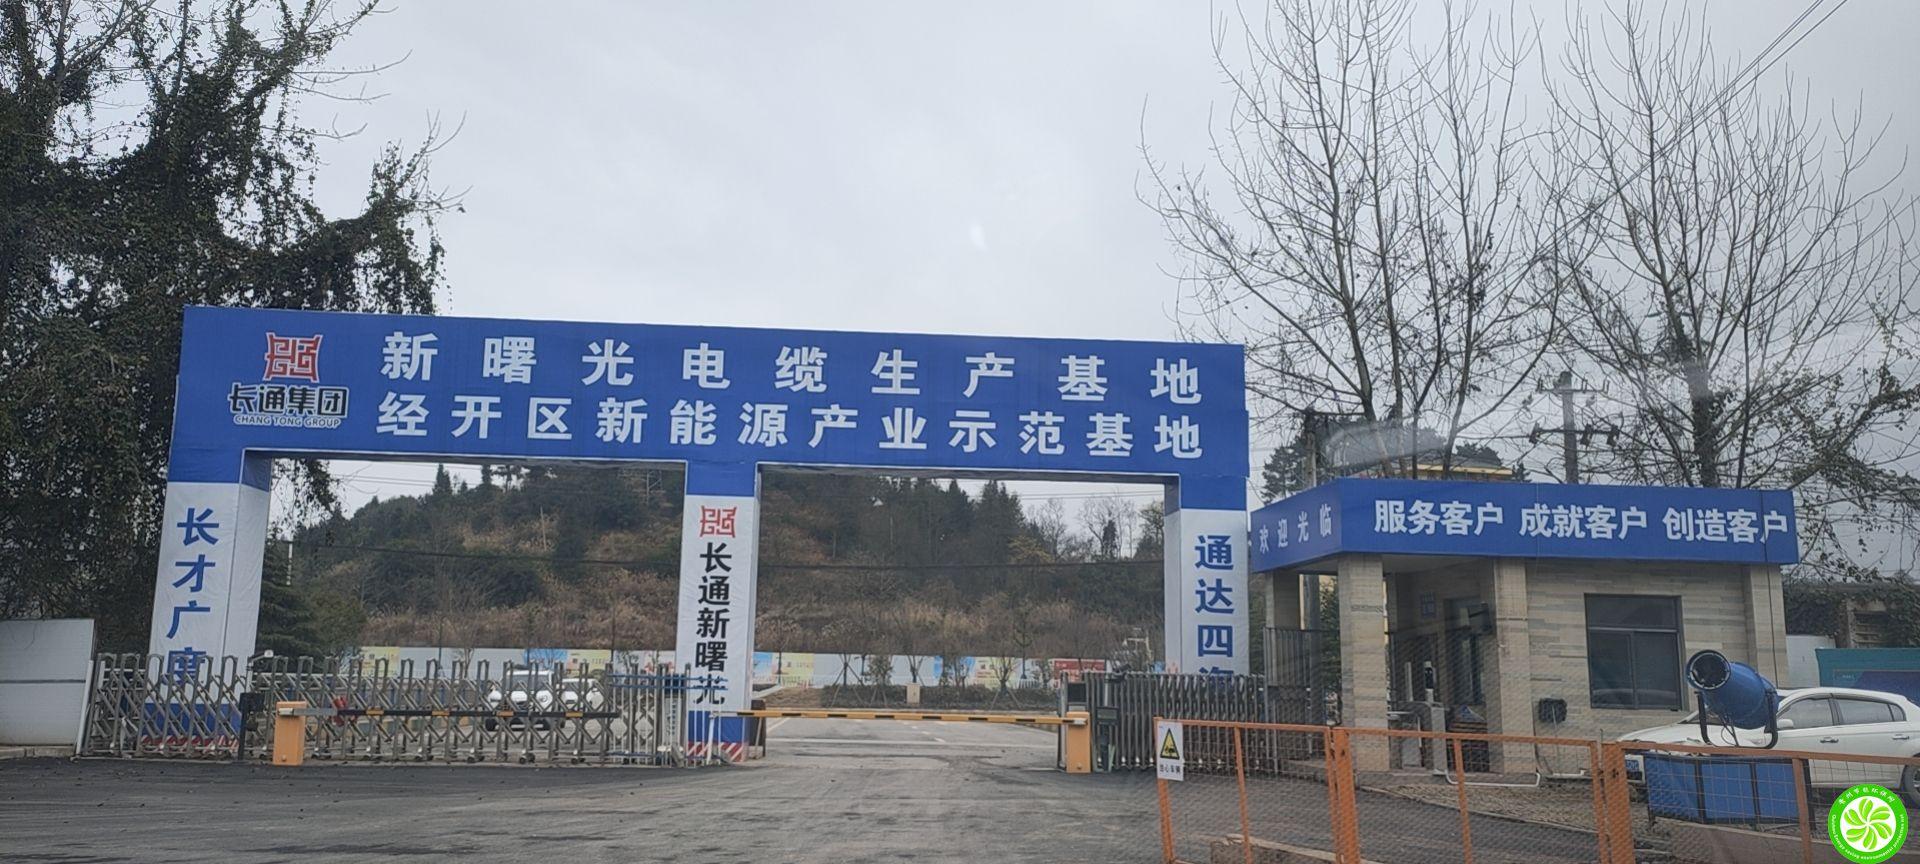 我公司与贵阳市小河区环保局一起对《贵州新曙光电缆有限公司新曙光电缆制造基地项目》进行现场勘查